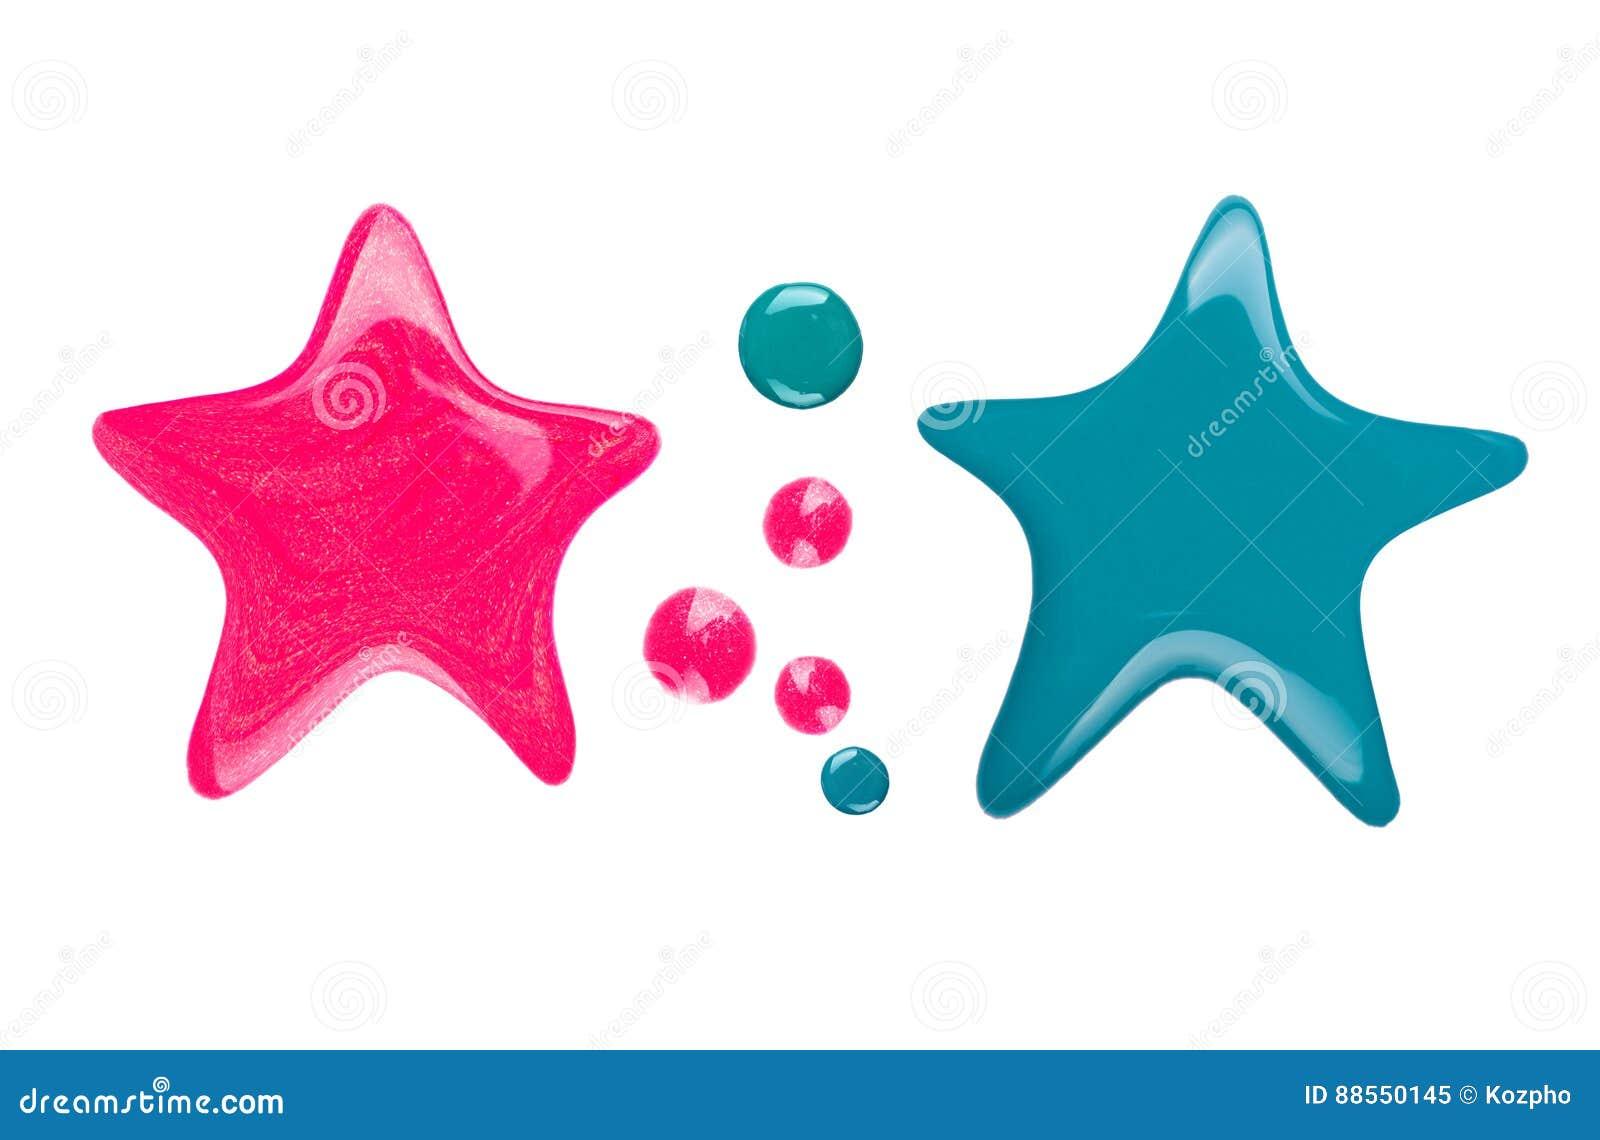 Fläckar eller droppander av spikar polermedel i form av stjärnan